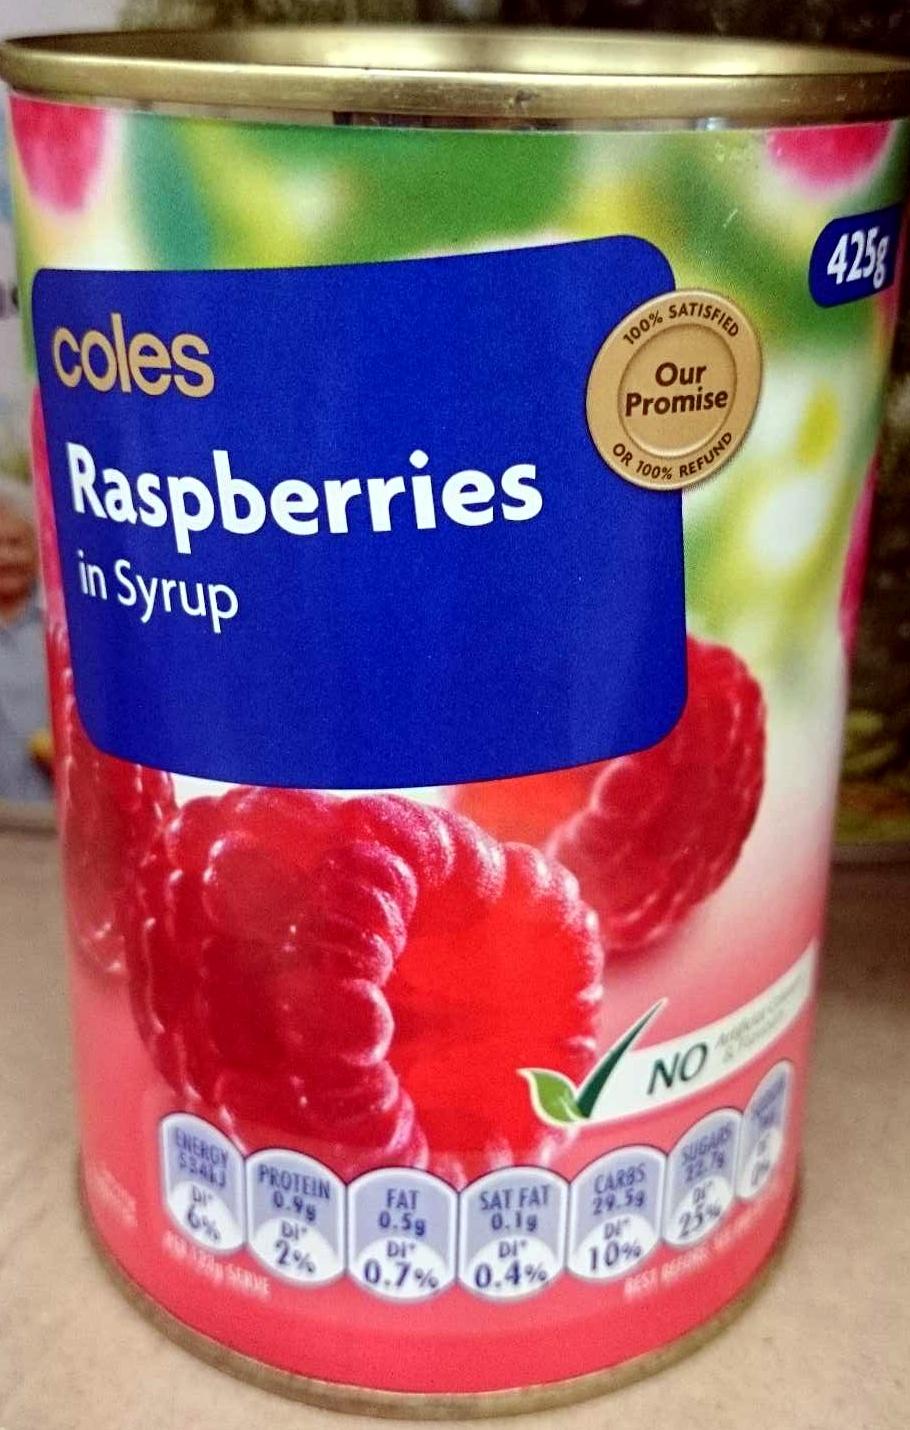 Raspberries in syrup - Product - en